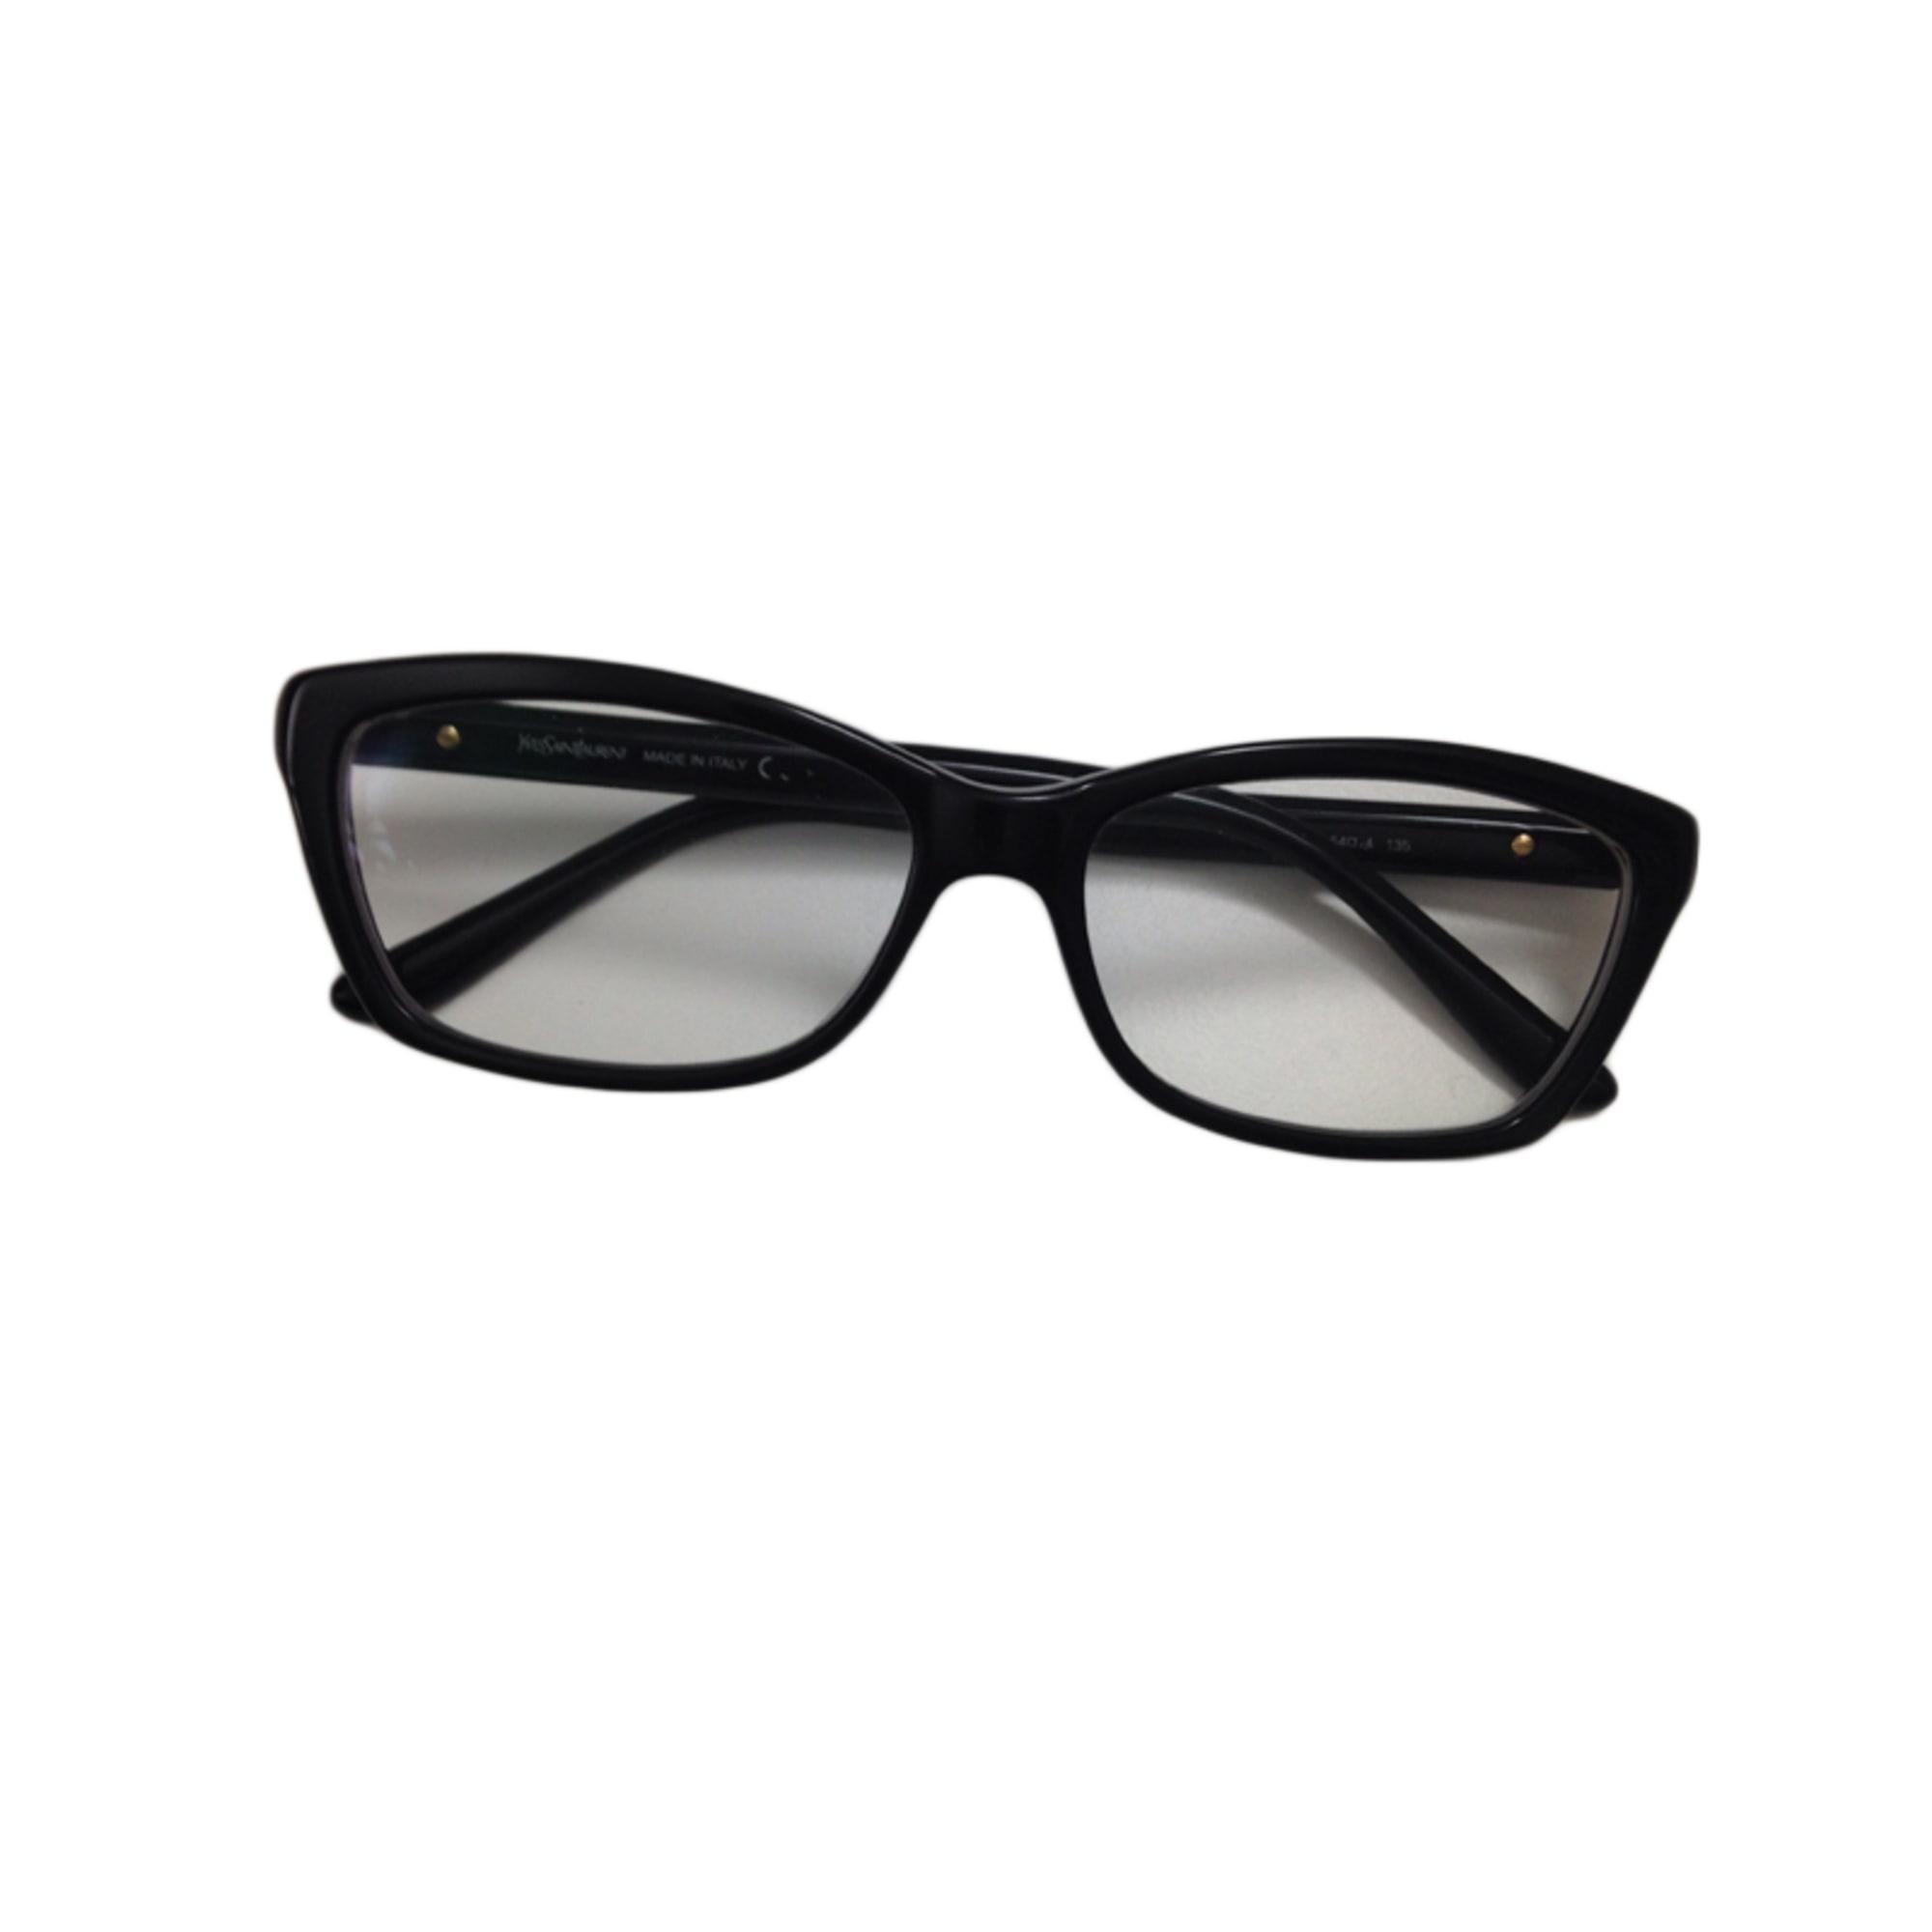 monture de lunettes yves saint laurent noir 2872500. Black Bedroom Furniture Sets. Home Design Ideas